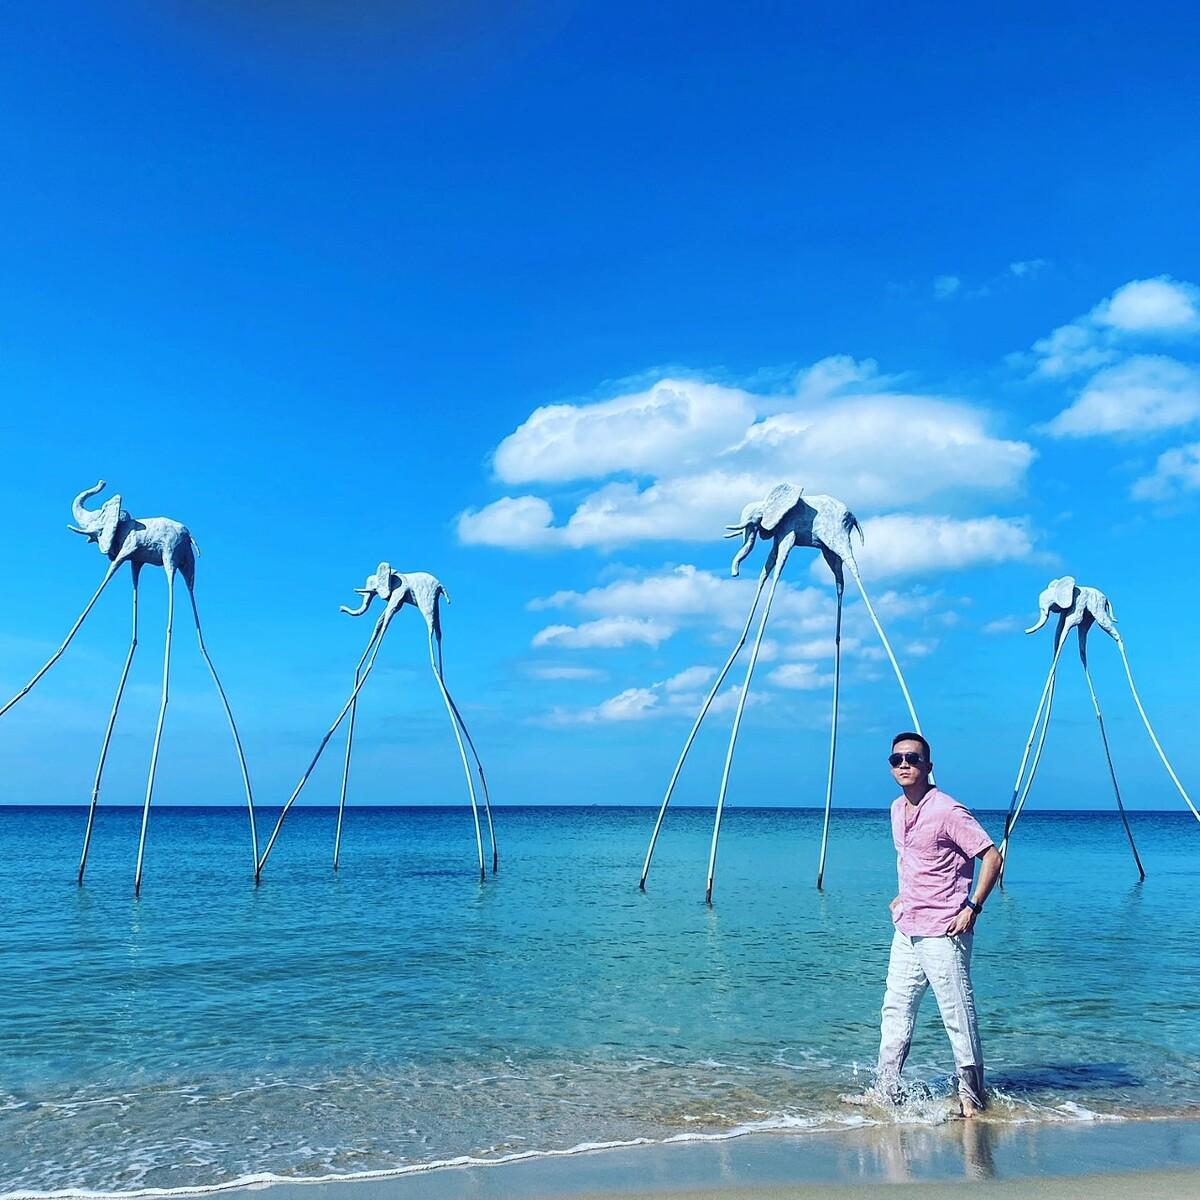 Vlogger Hoàng Nam lặn ngắm san hô ở Phú Quốc